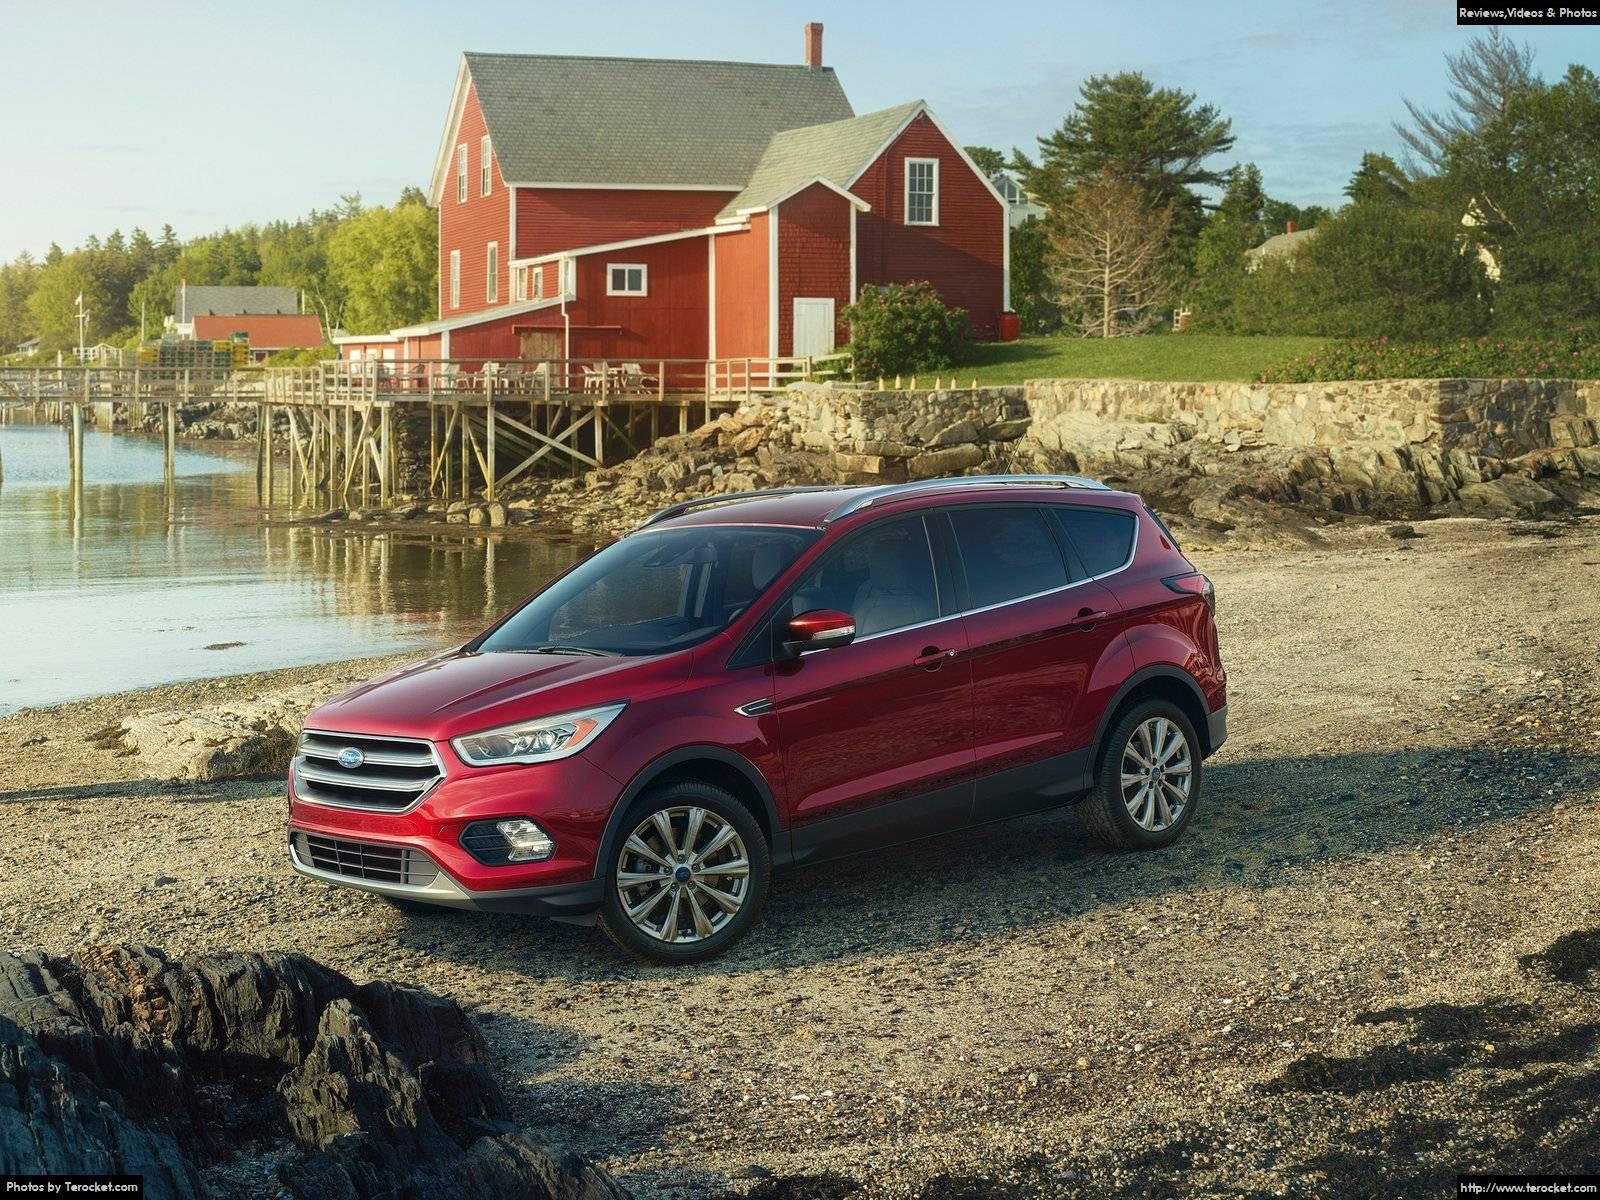 Hình ảnh xe ô tô Ford Escape 2017 & nội ngoại thất